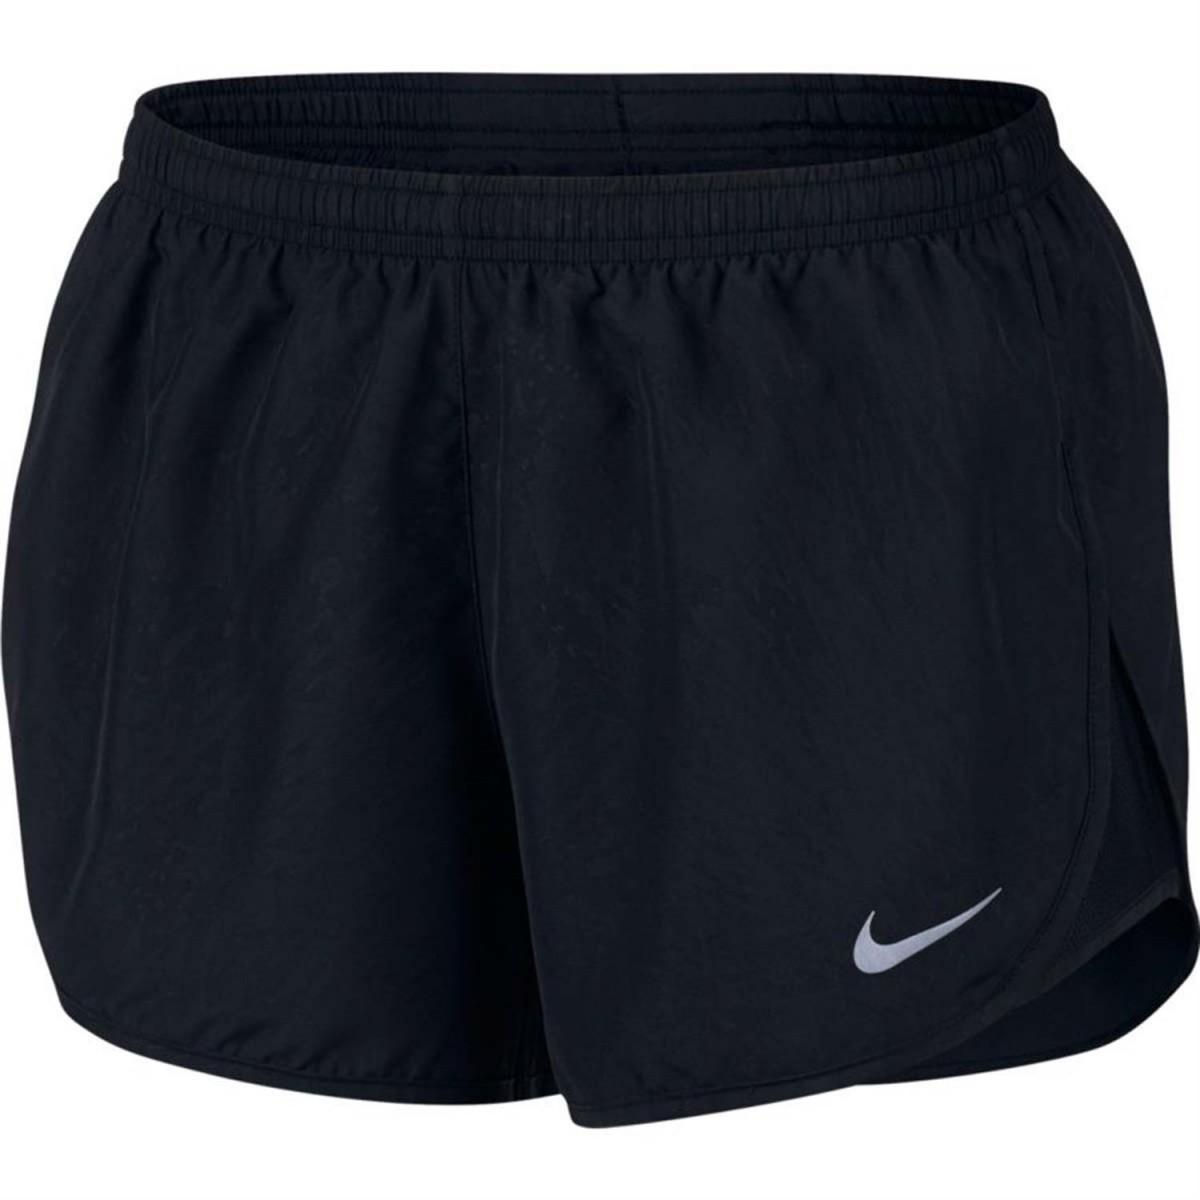 Short Nike Dry Mod Tempo Feminino 831281-010 - Preto - Botas Online ... 813b739383a20